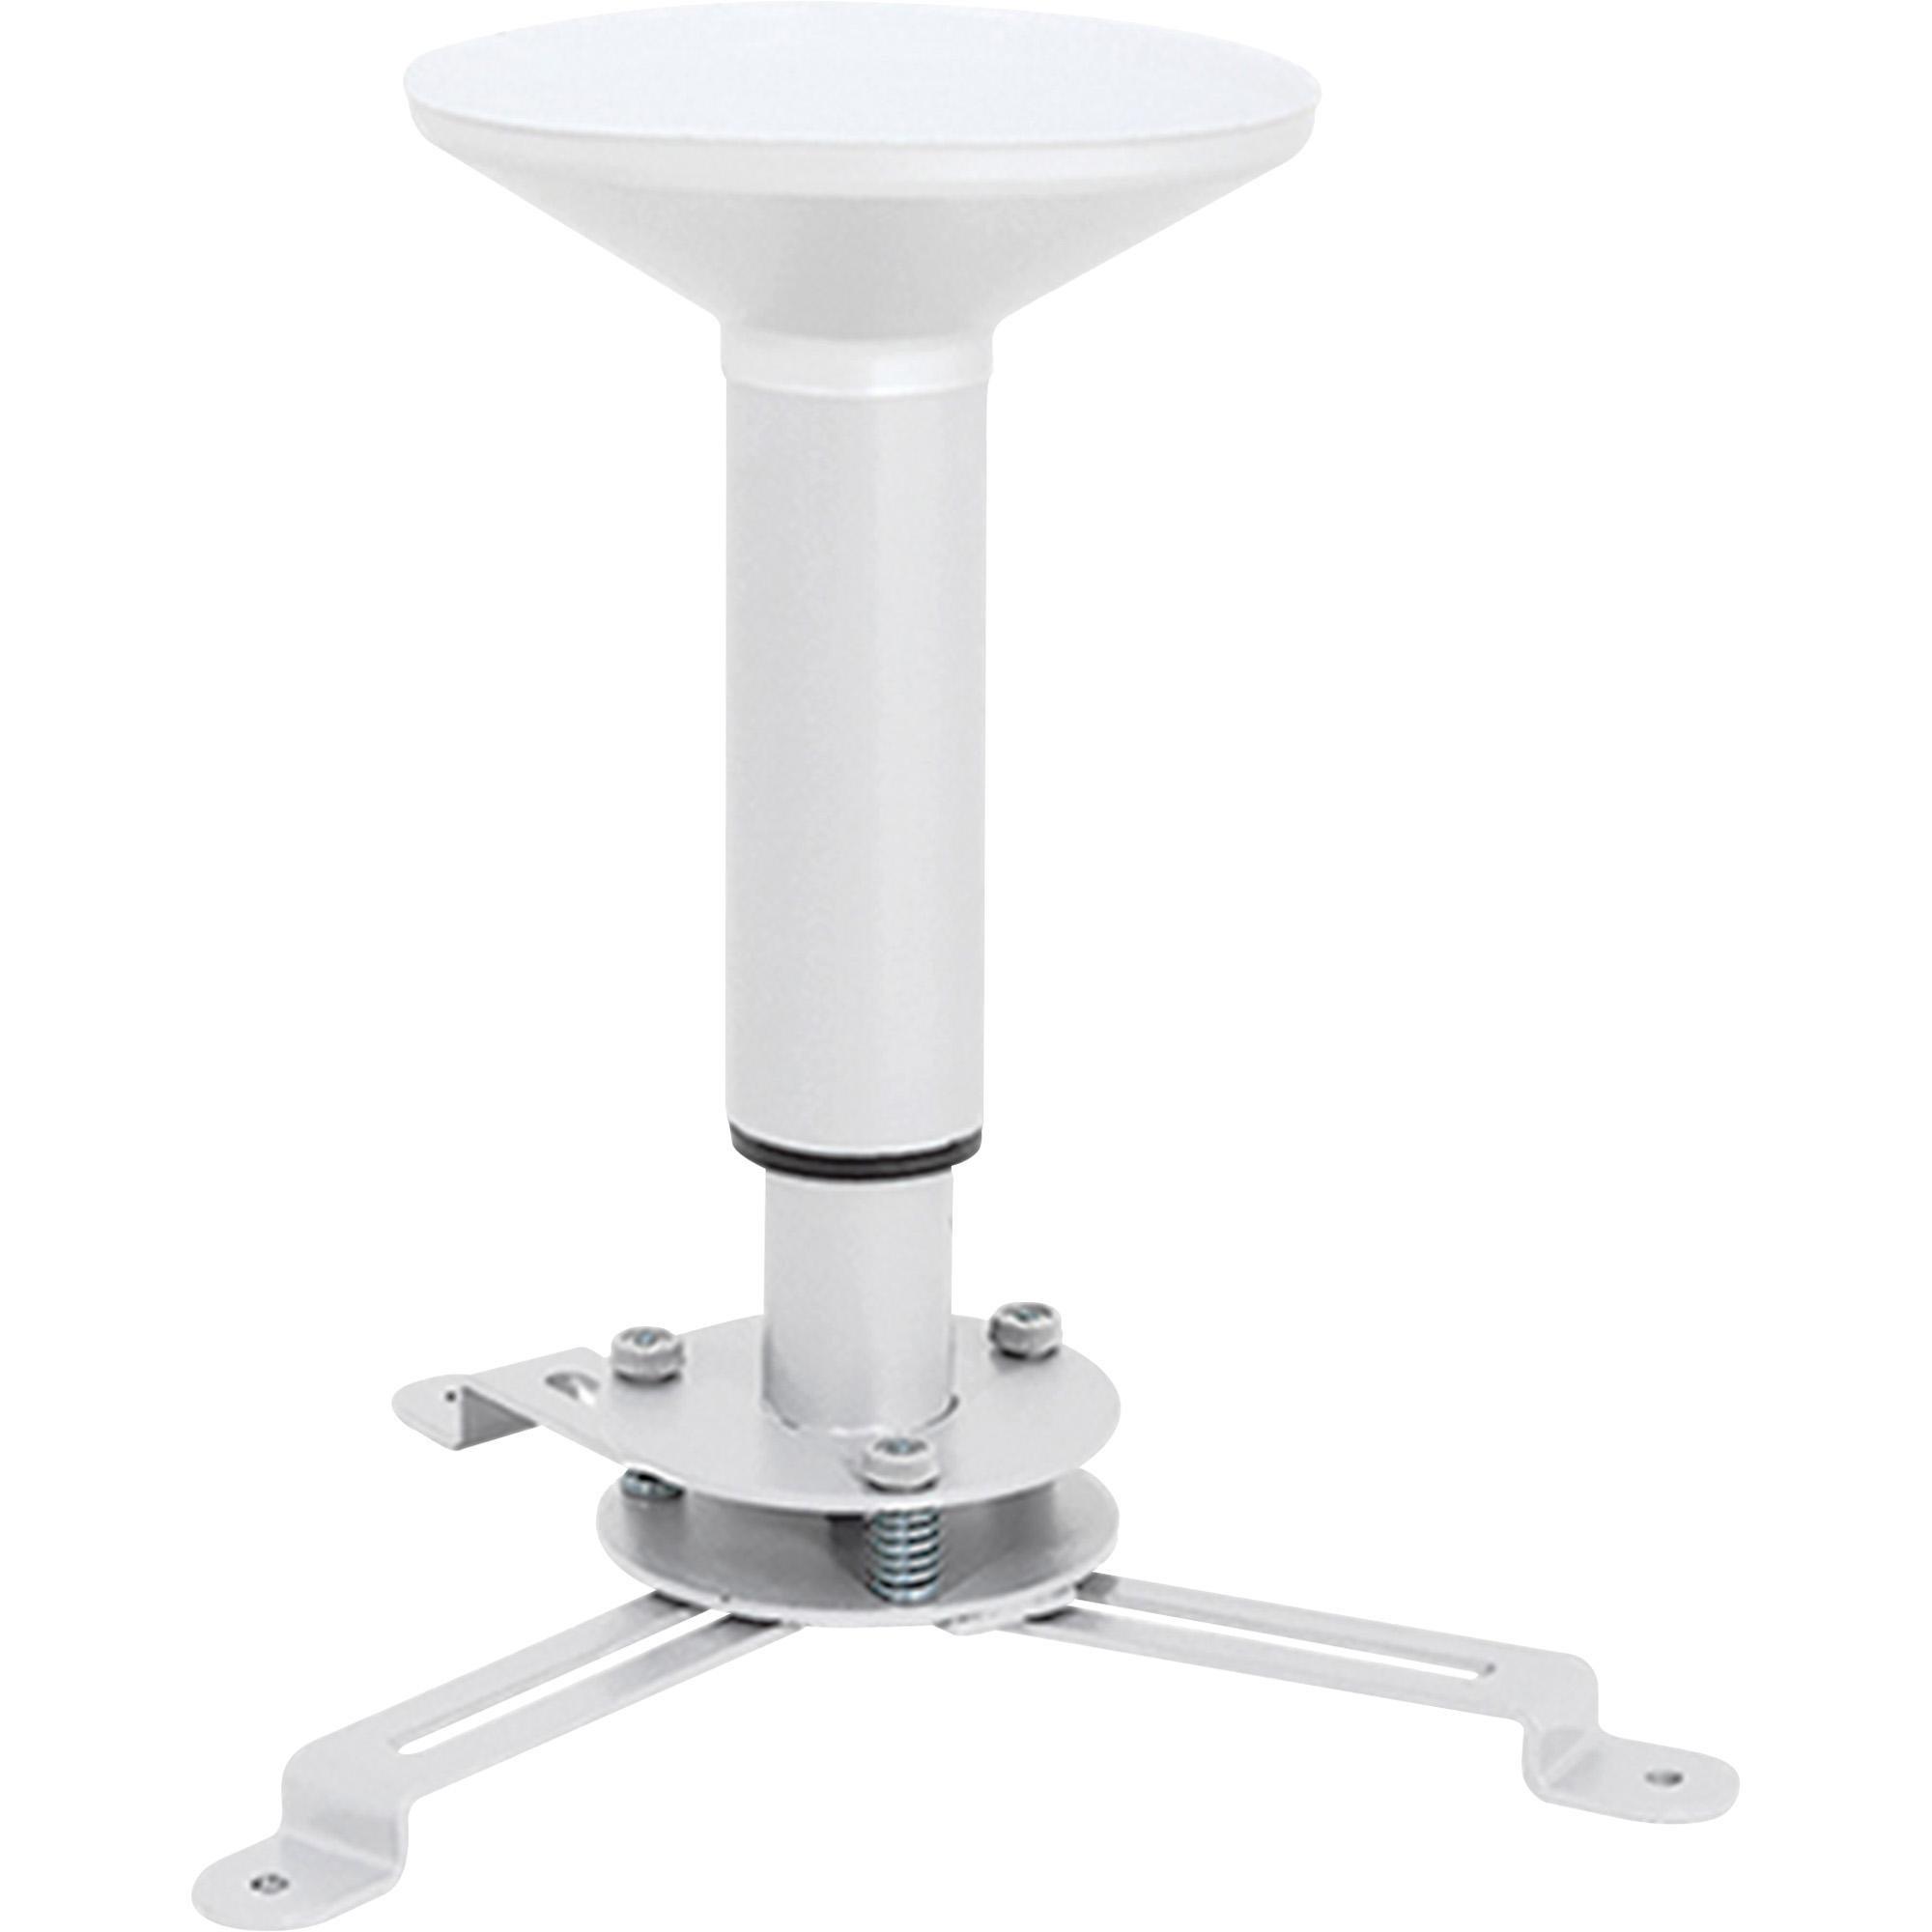 suporte de teto provado branco multivisao 180 300mm multi proj p pr para projetor 48974 2000 200023